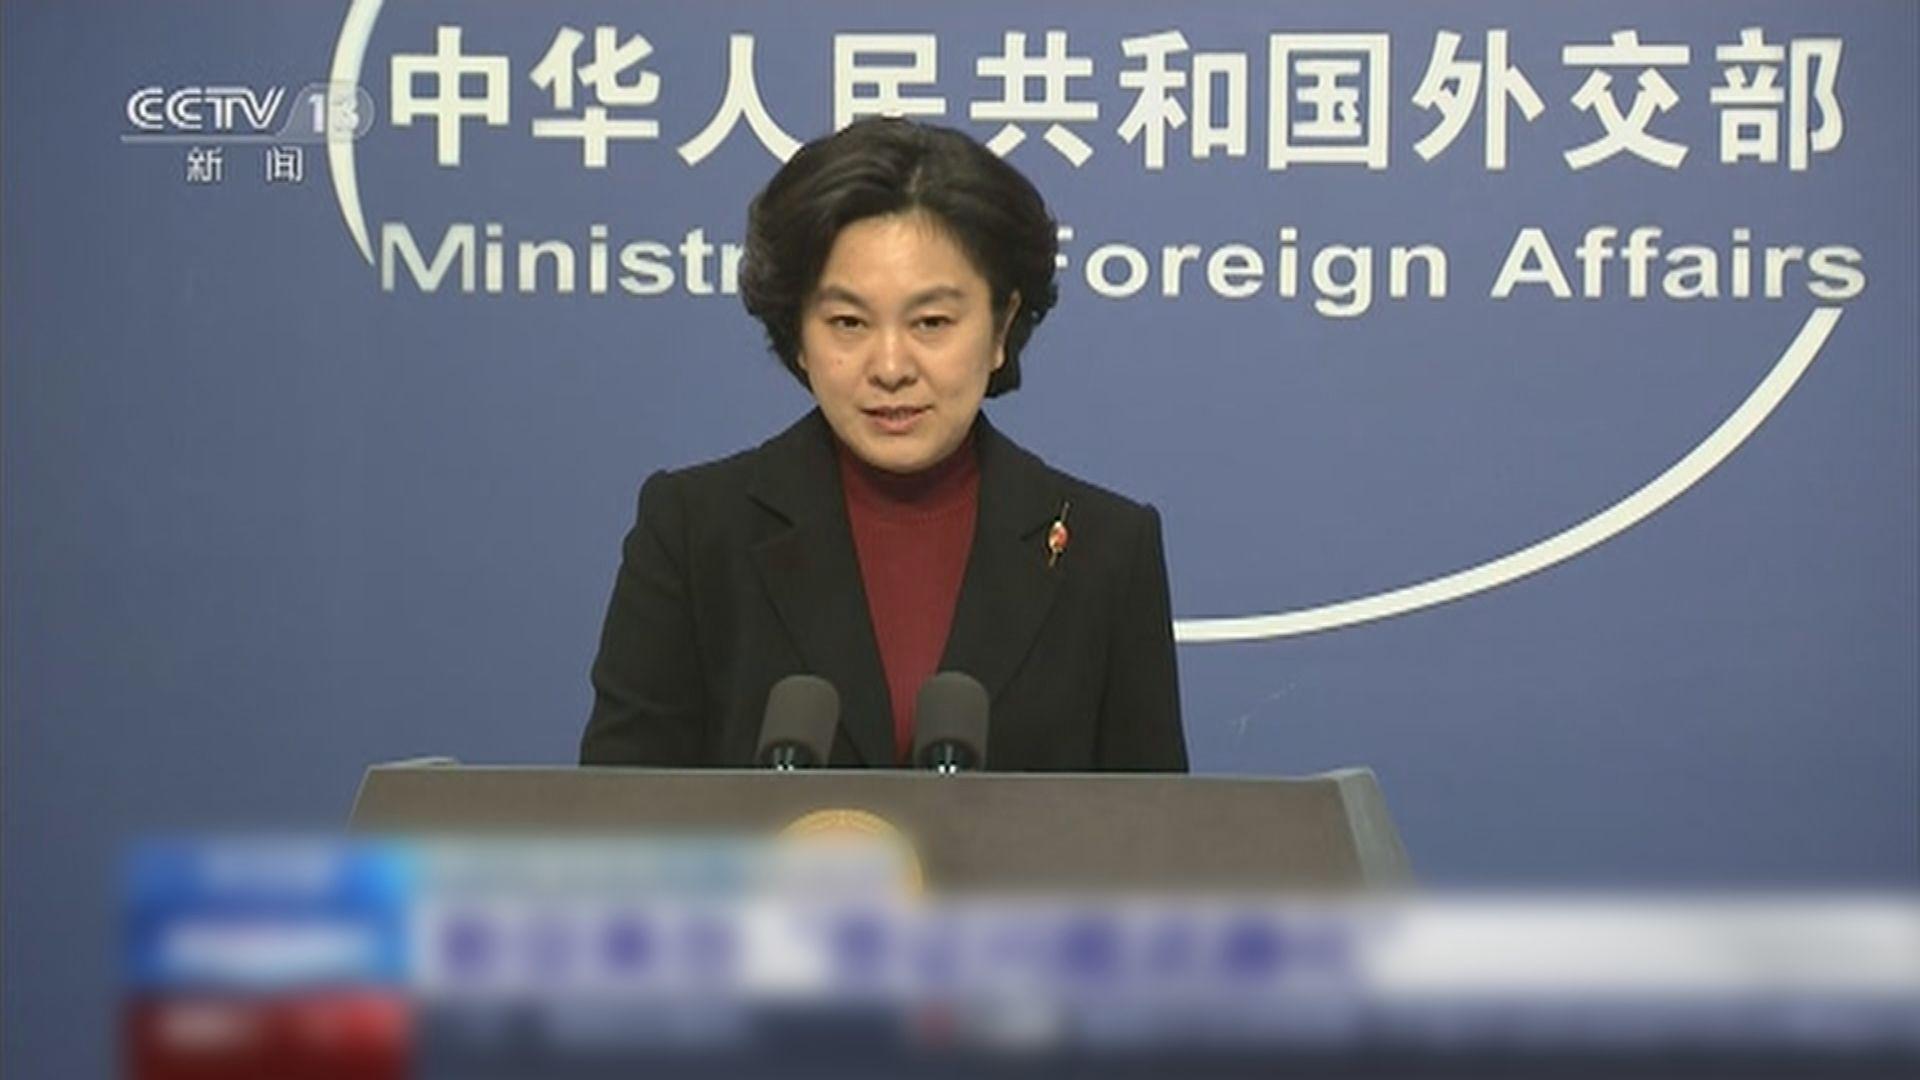 外交部批評蓬佩奧詆毀抹黑